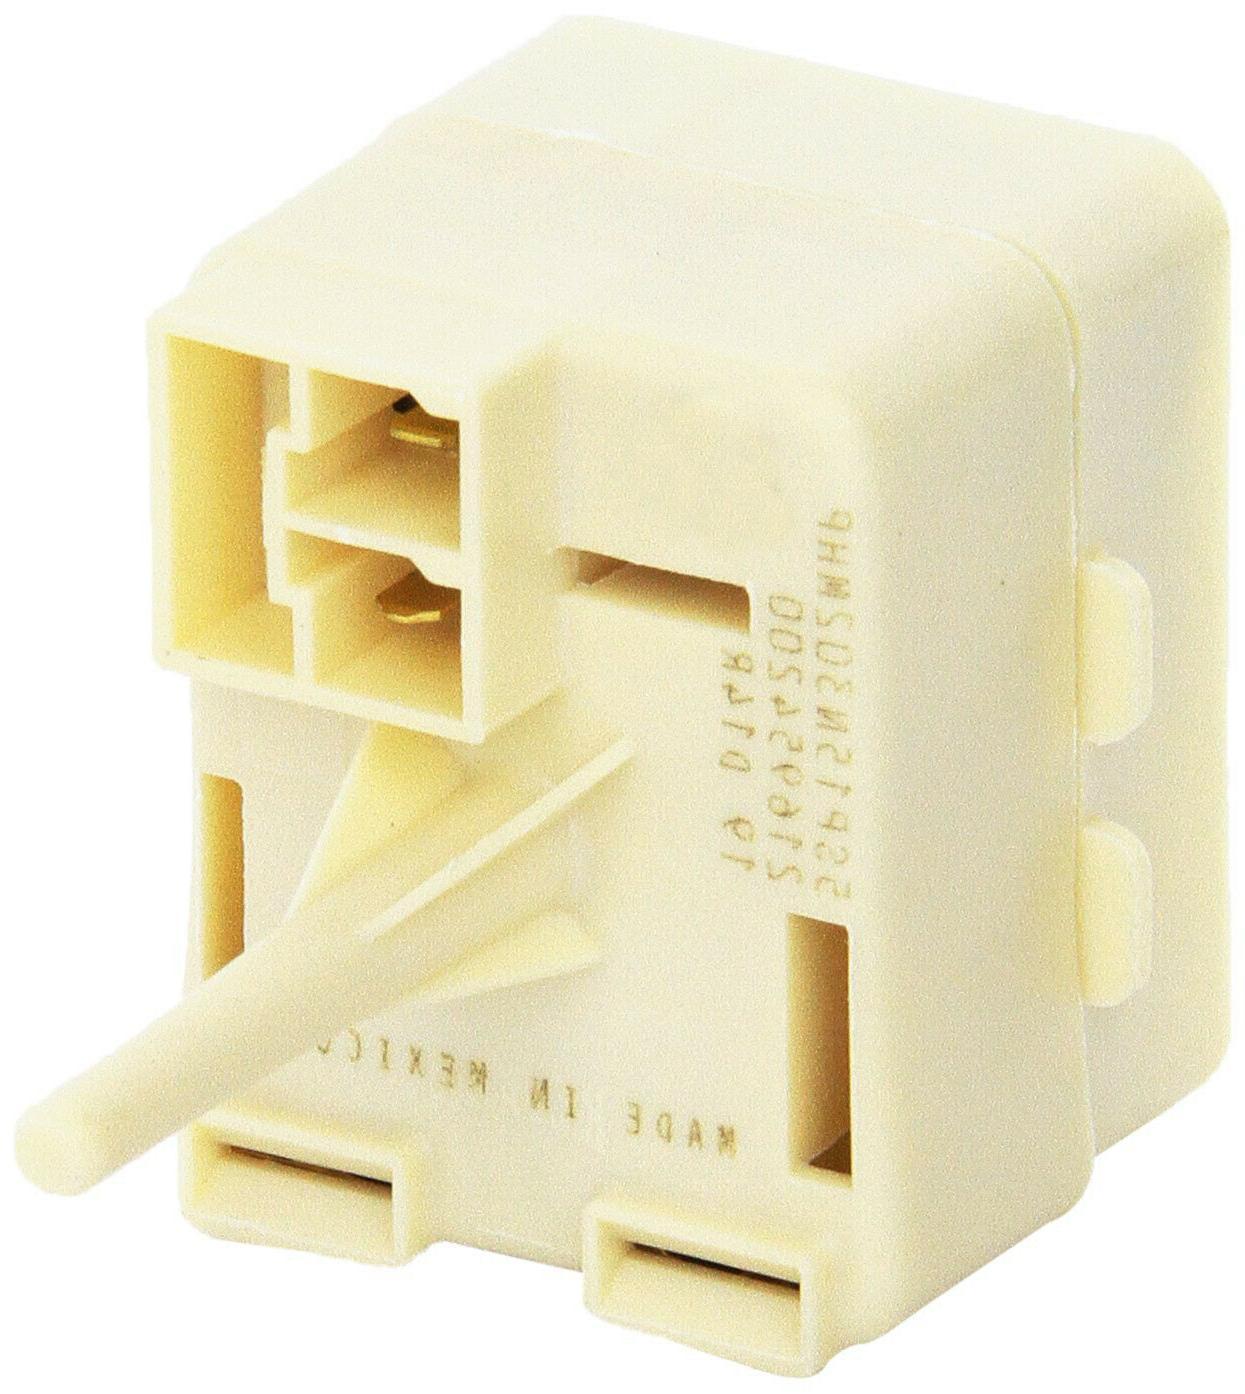 NEW ORIGINAL Frigidaire Refrigerator 5304492198